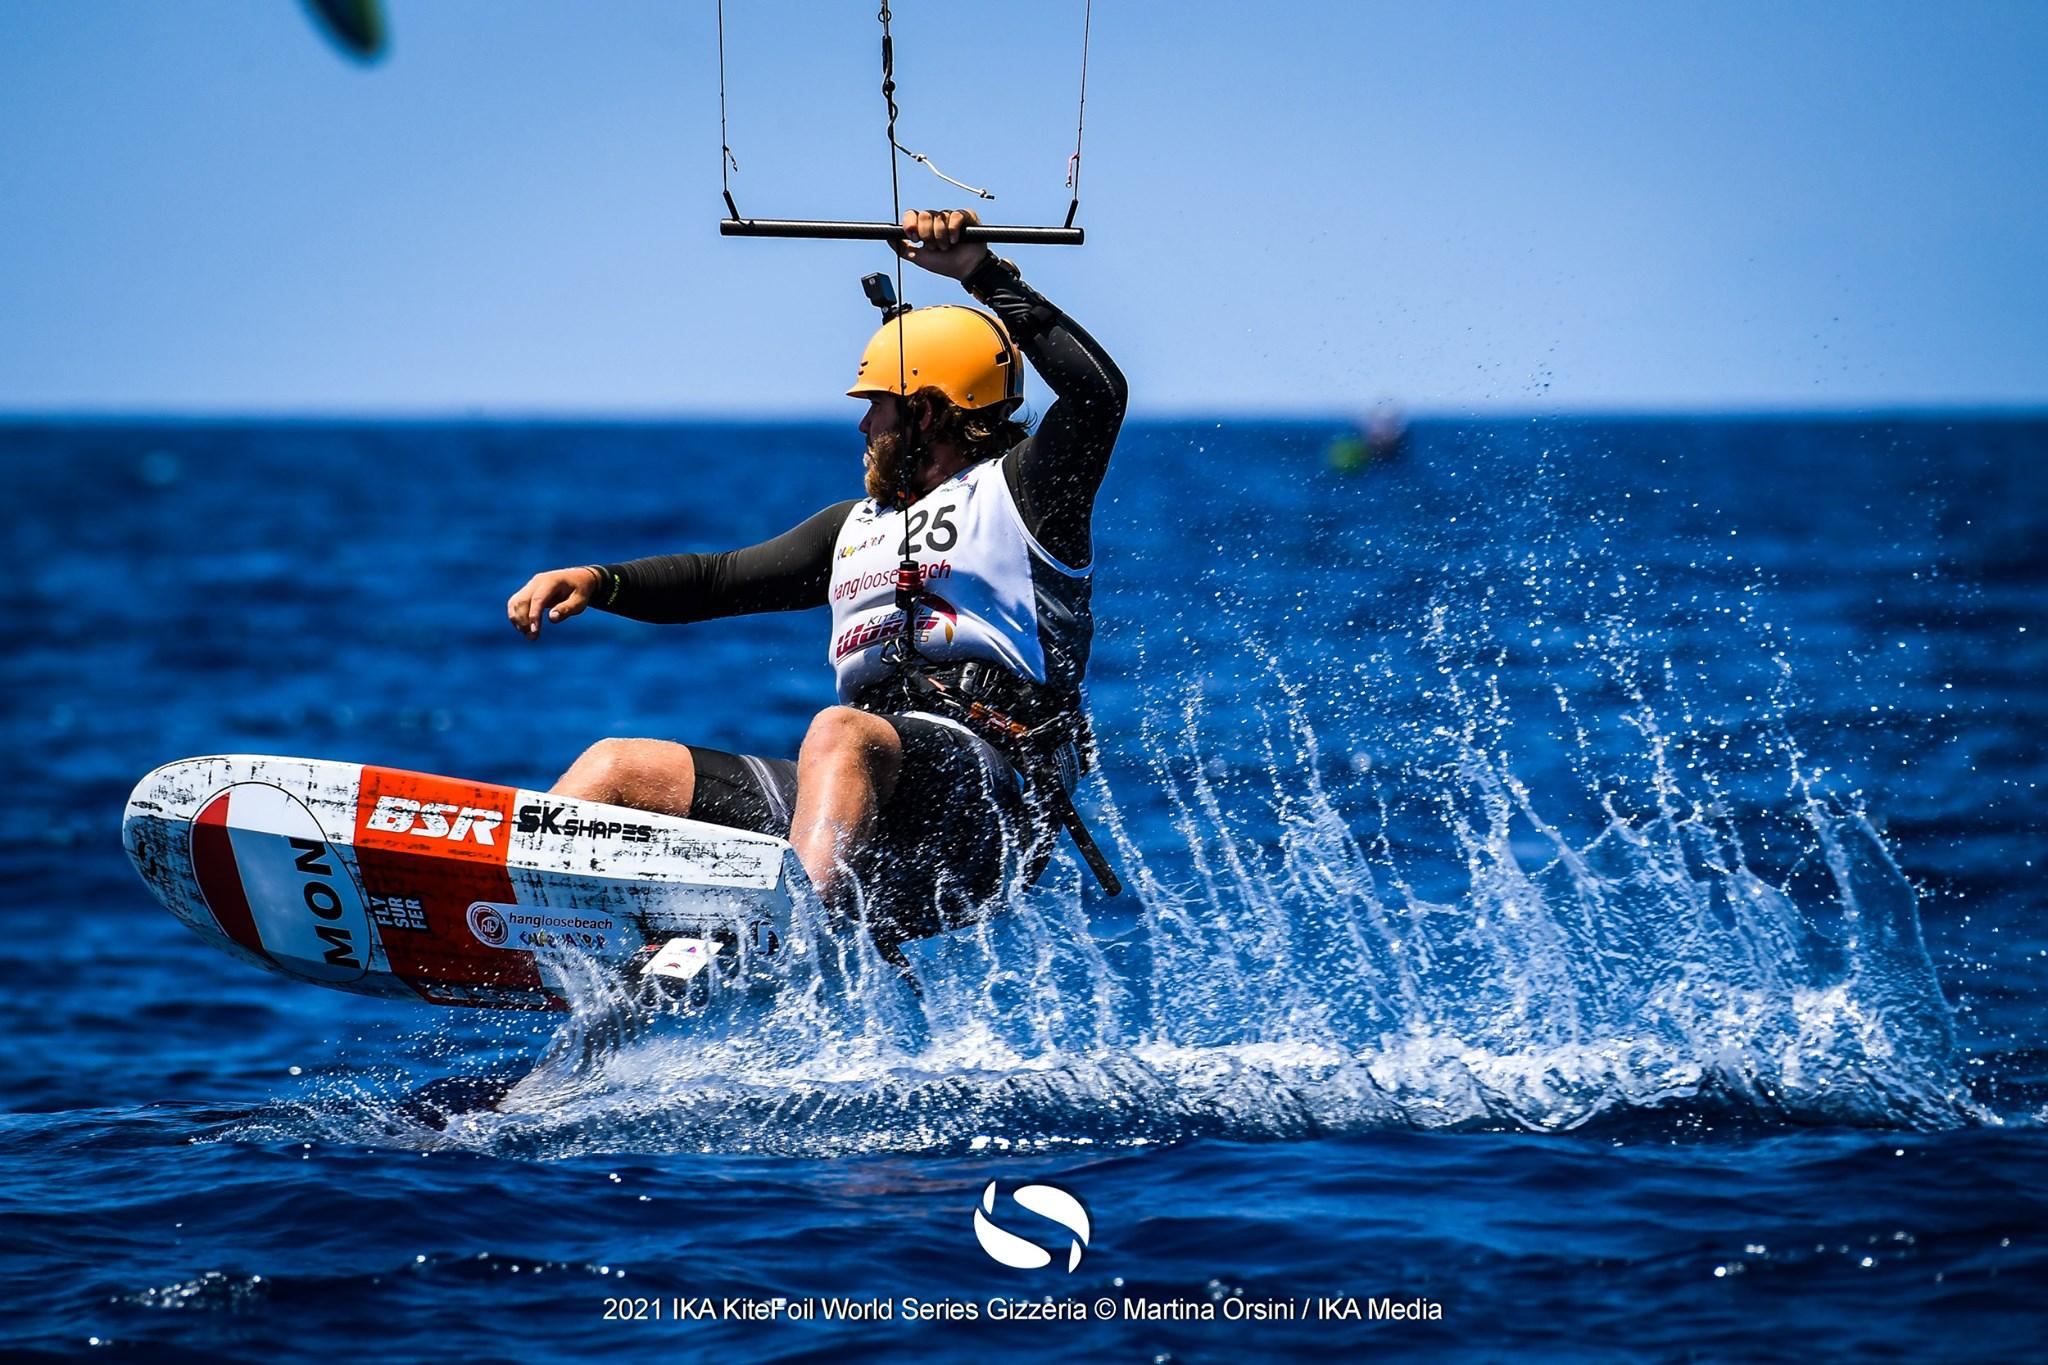 Kitefoiler making waves